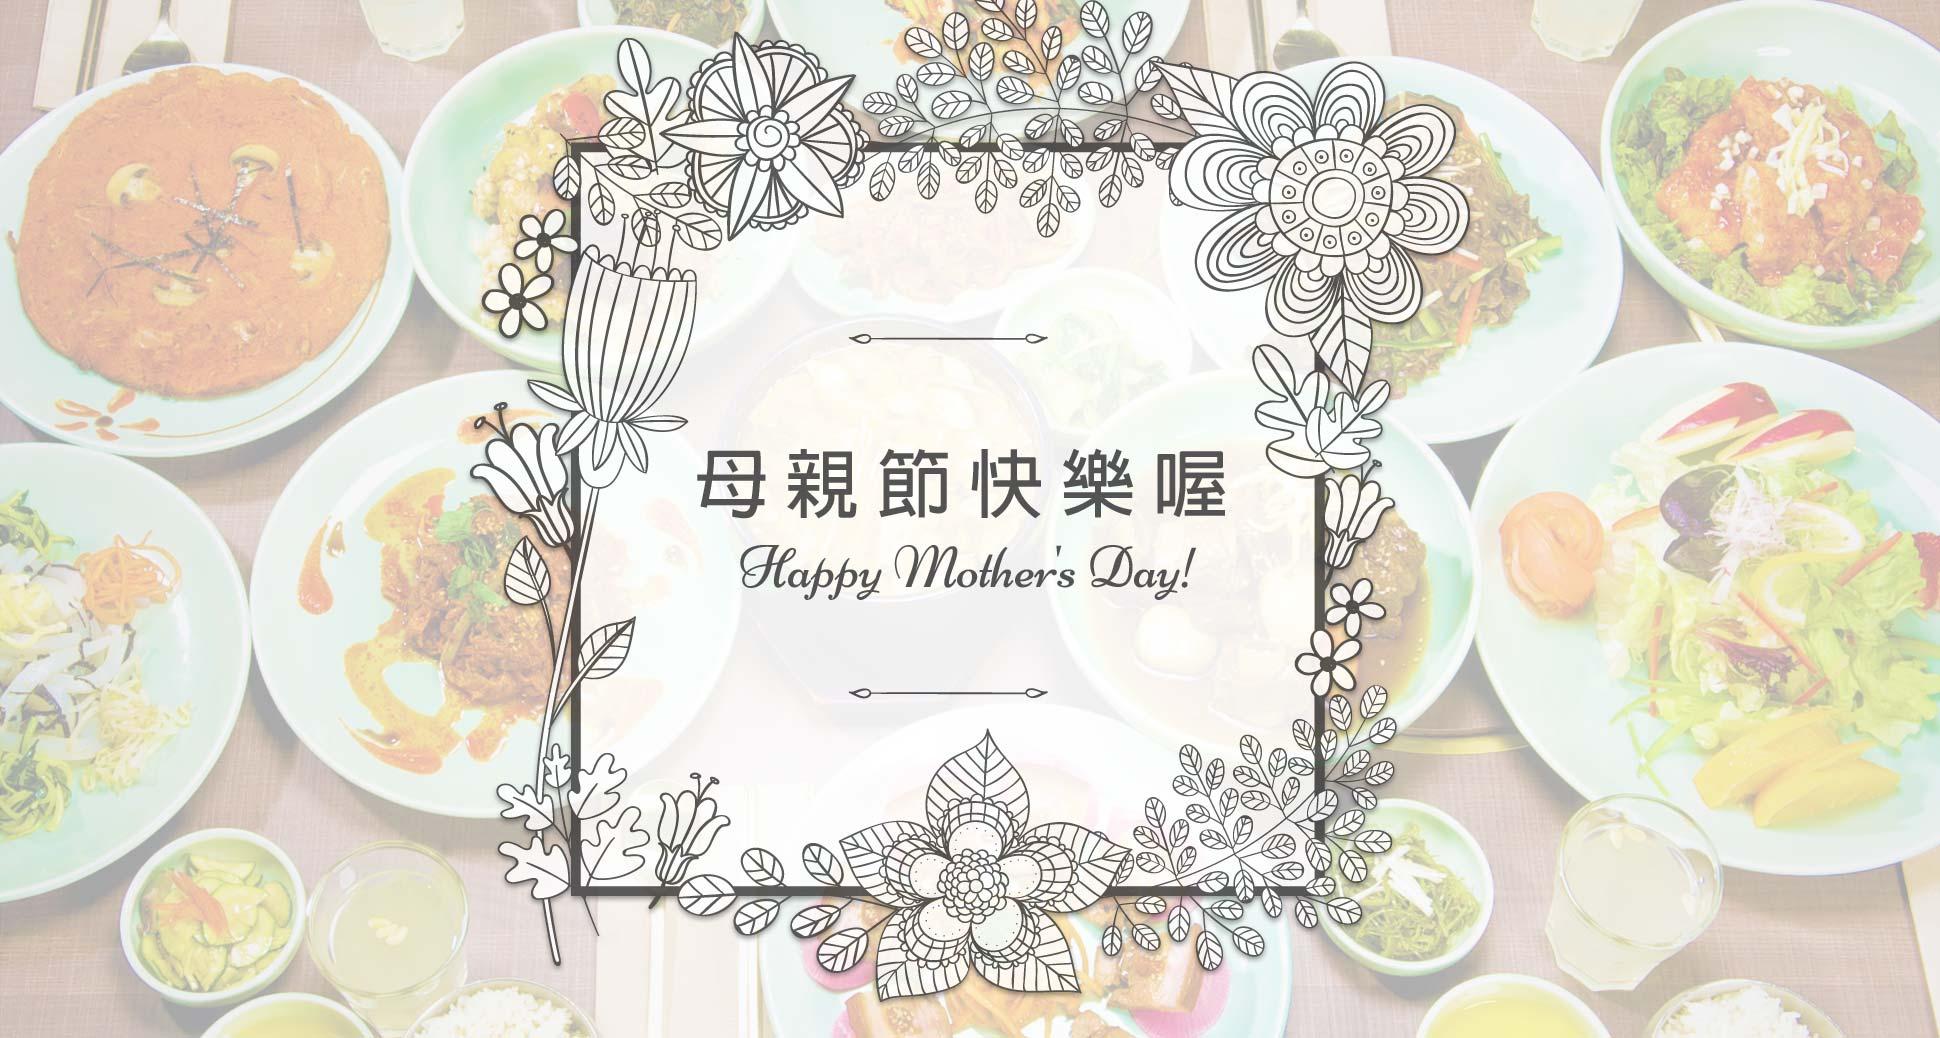 Happy mother's day! 母親節快樂喔~